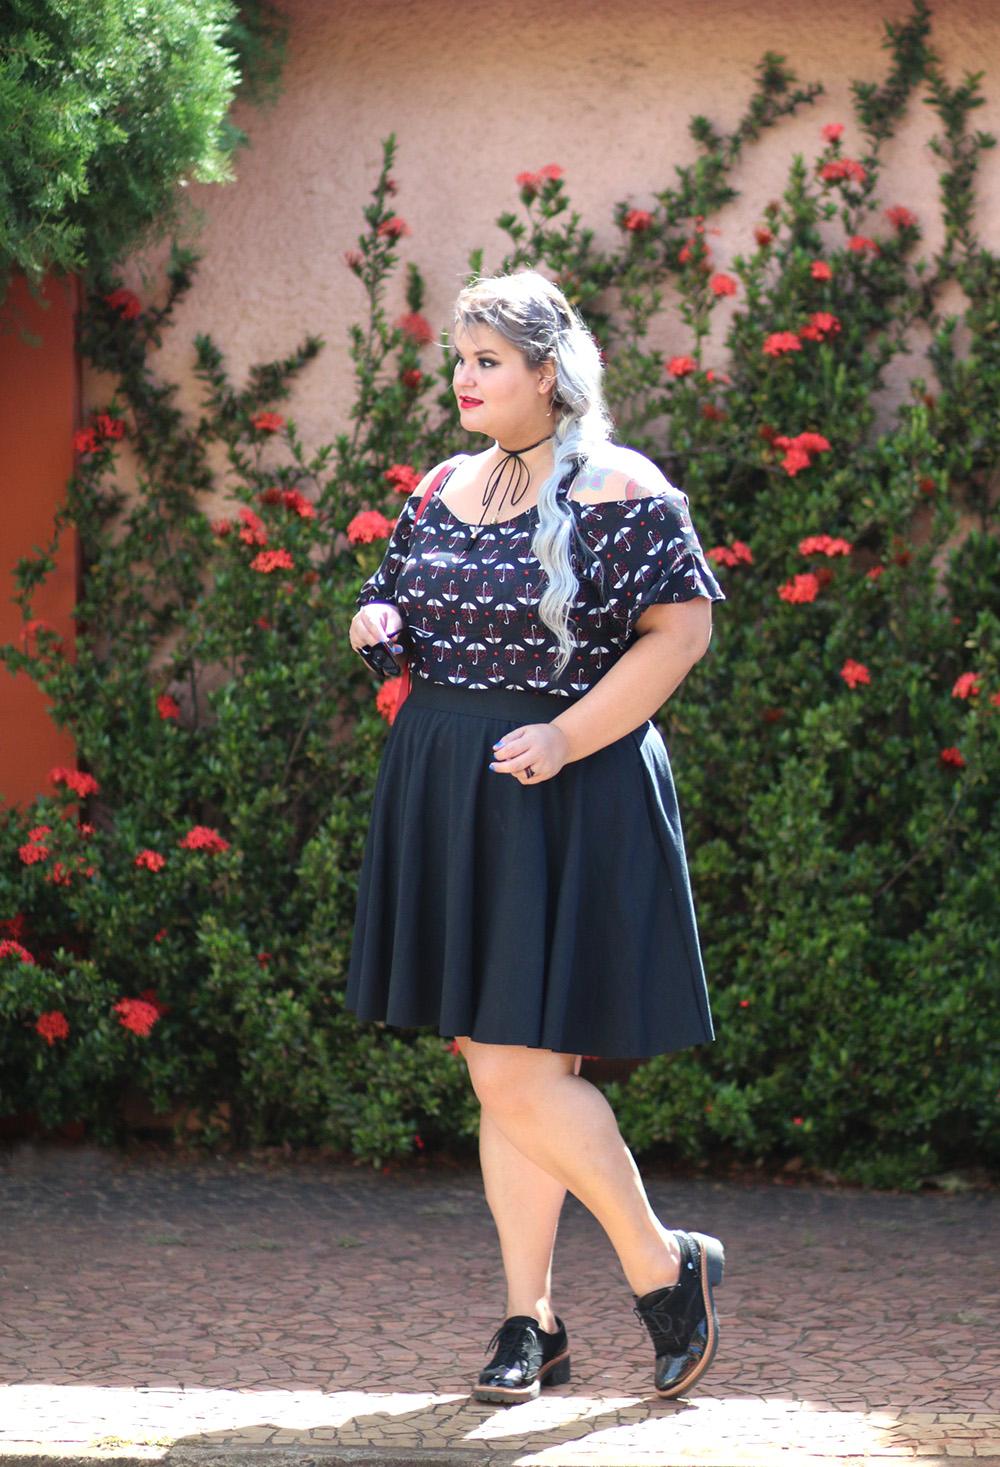 blusa-ombro-a-ombro-romantica-moda-plus-size-look-do-dia-plus-size-moda-para-gordinhas-grandes-mulheres-4